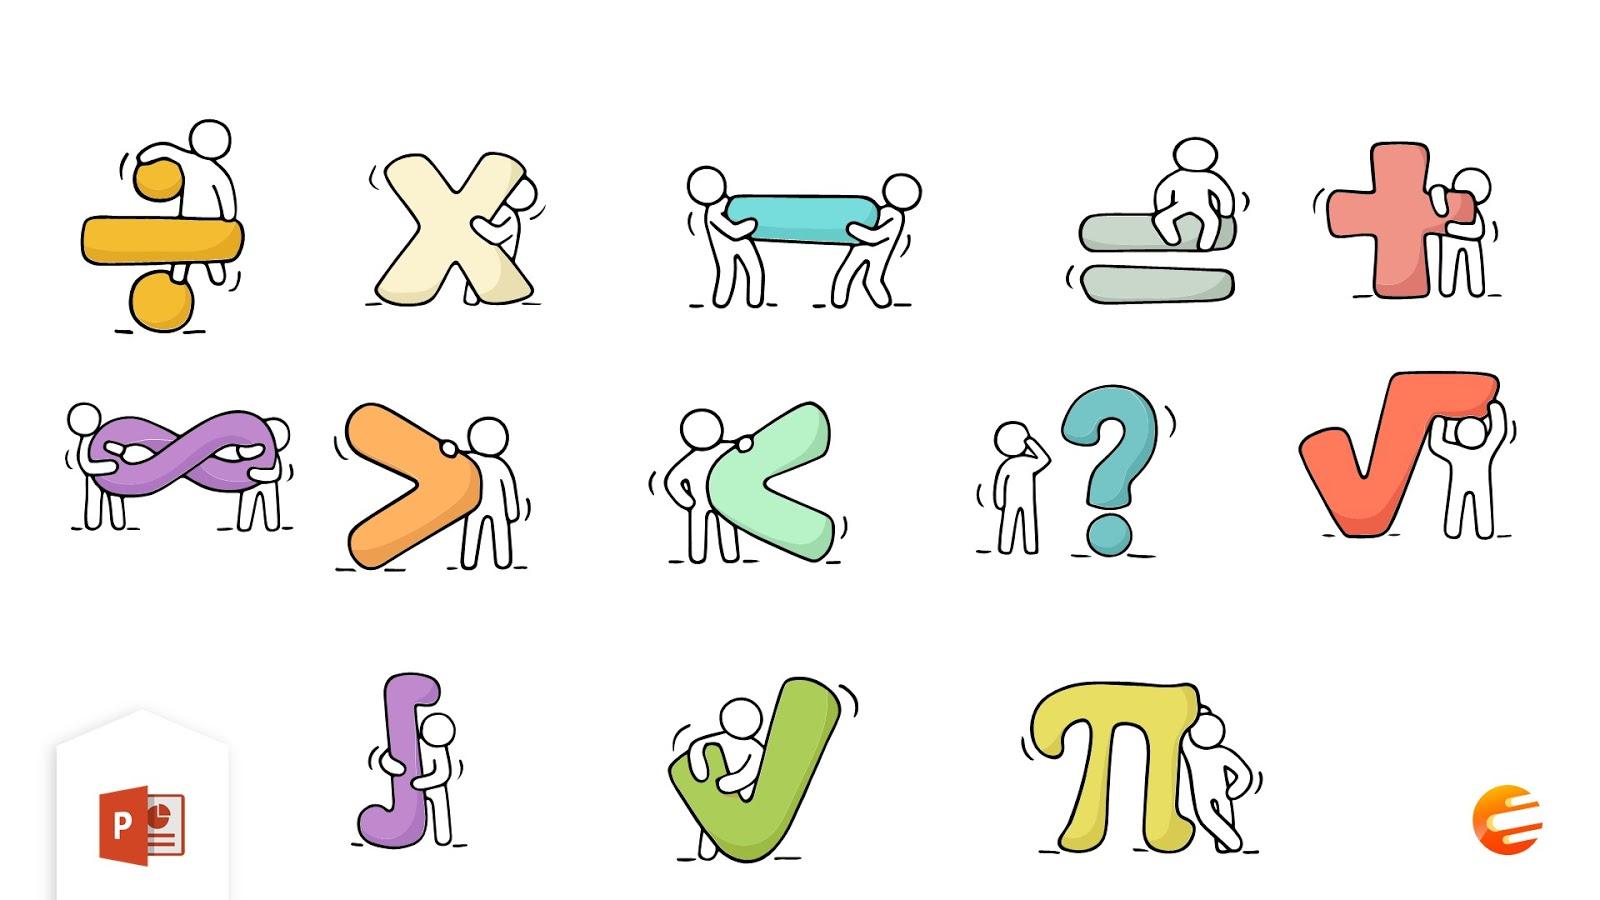 بوربوينت العلامات الحسابية في مادة الرياضيات